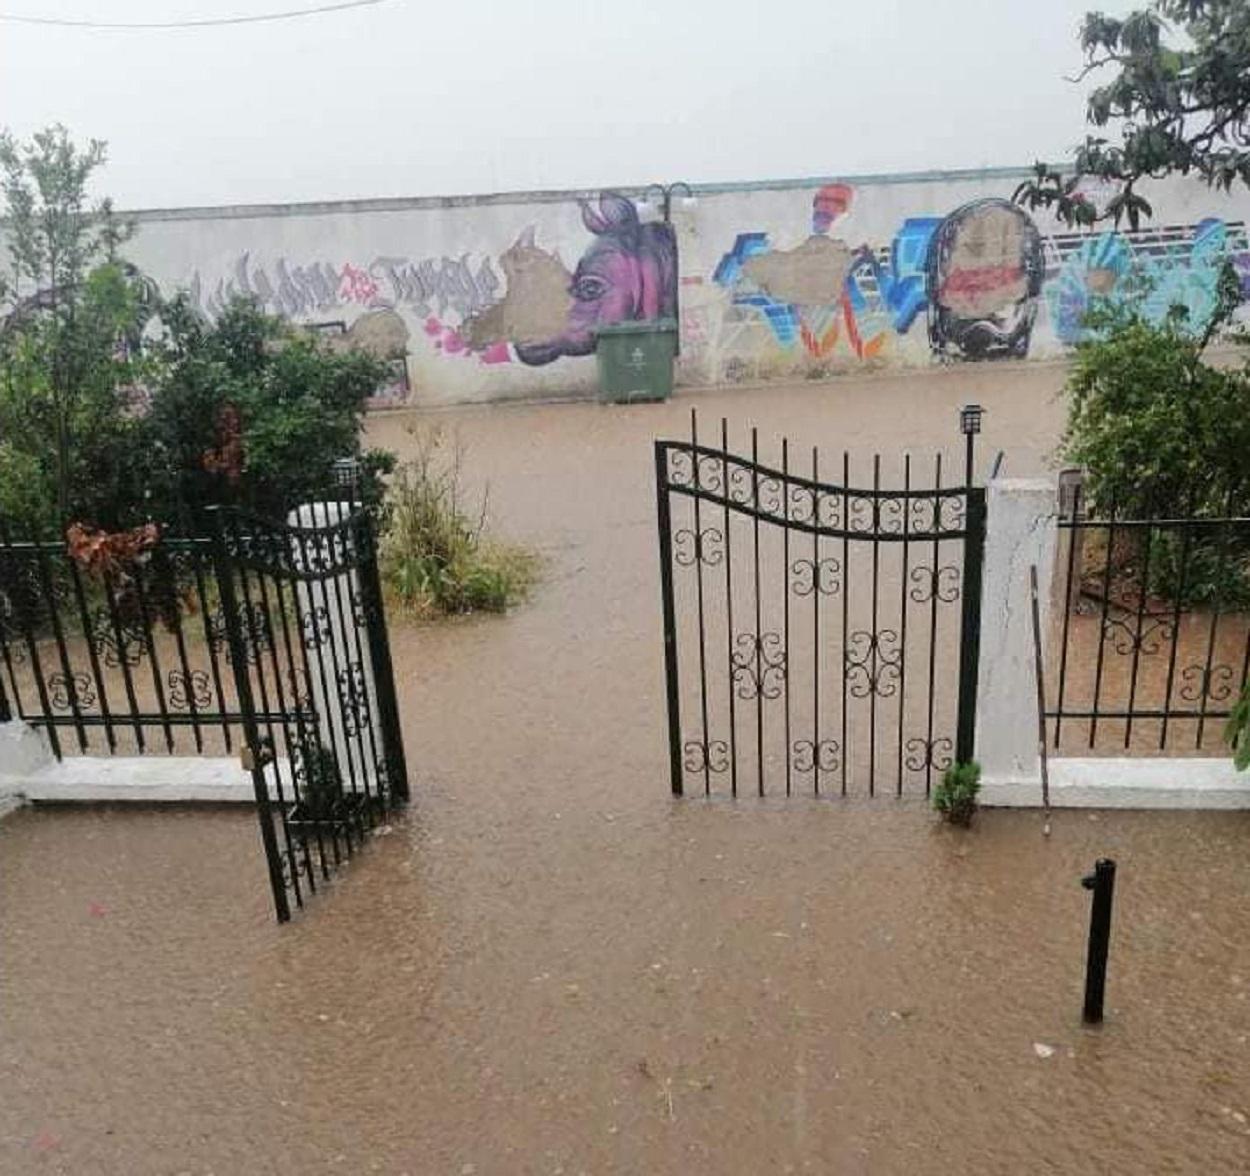 Πλημμύρες έξω από σπίτι στην Χαλκιδική